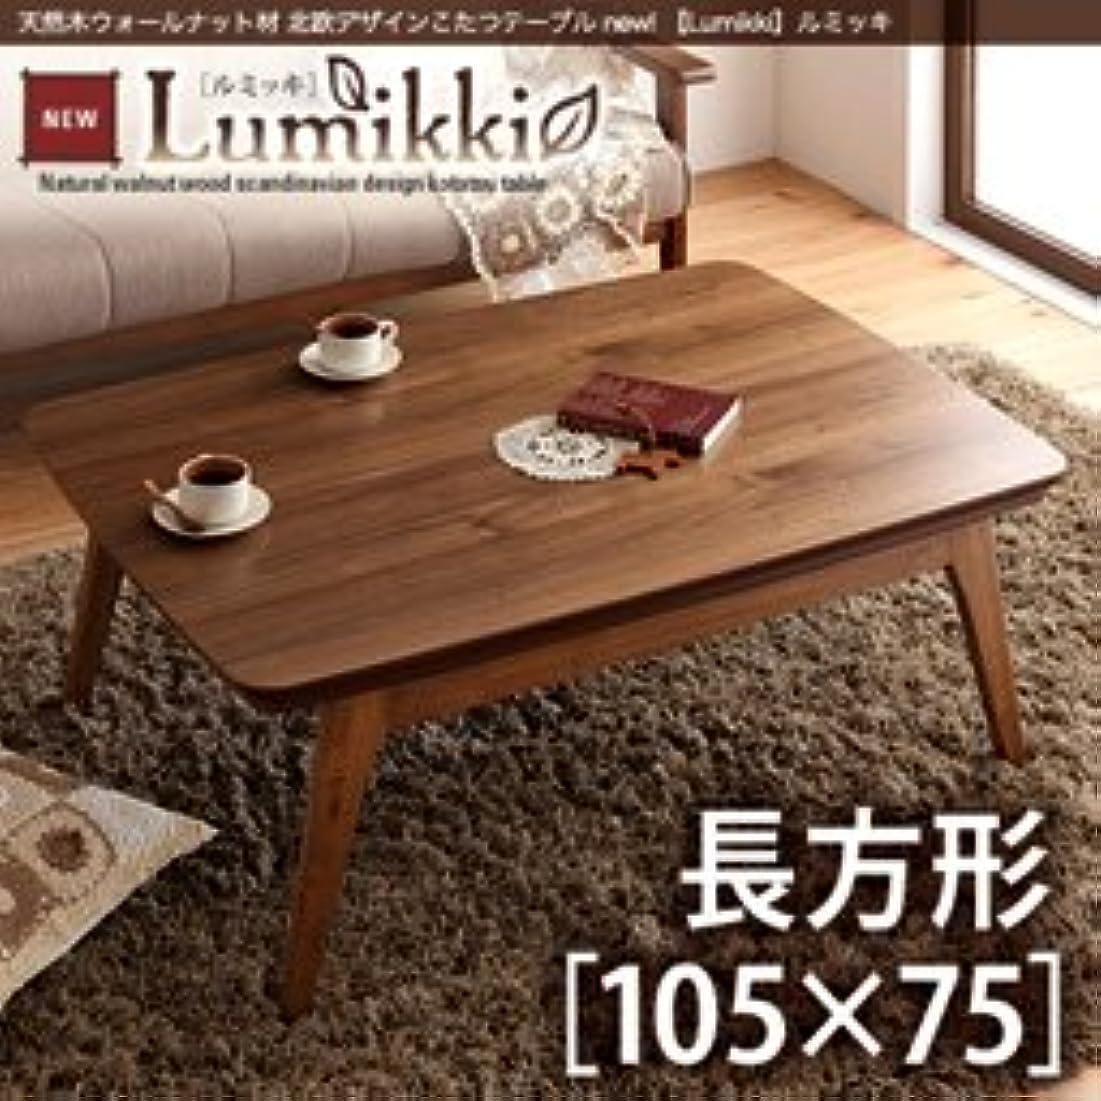 カスタム浸すブレイズ天然木ウォールナット材 北欧デザインこたつテーブル new! Lumikki ルミッキ/長方形(105×75) ウォールナットブラウン